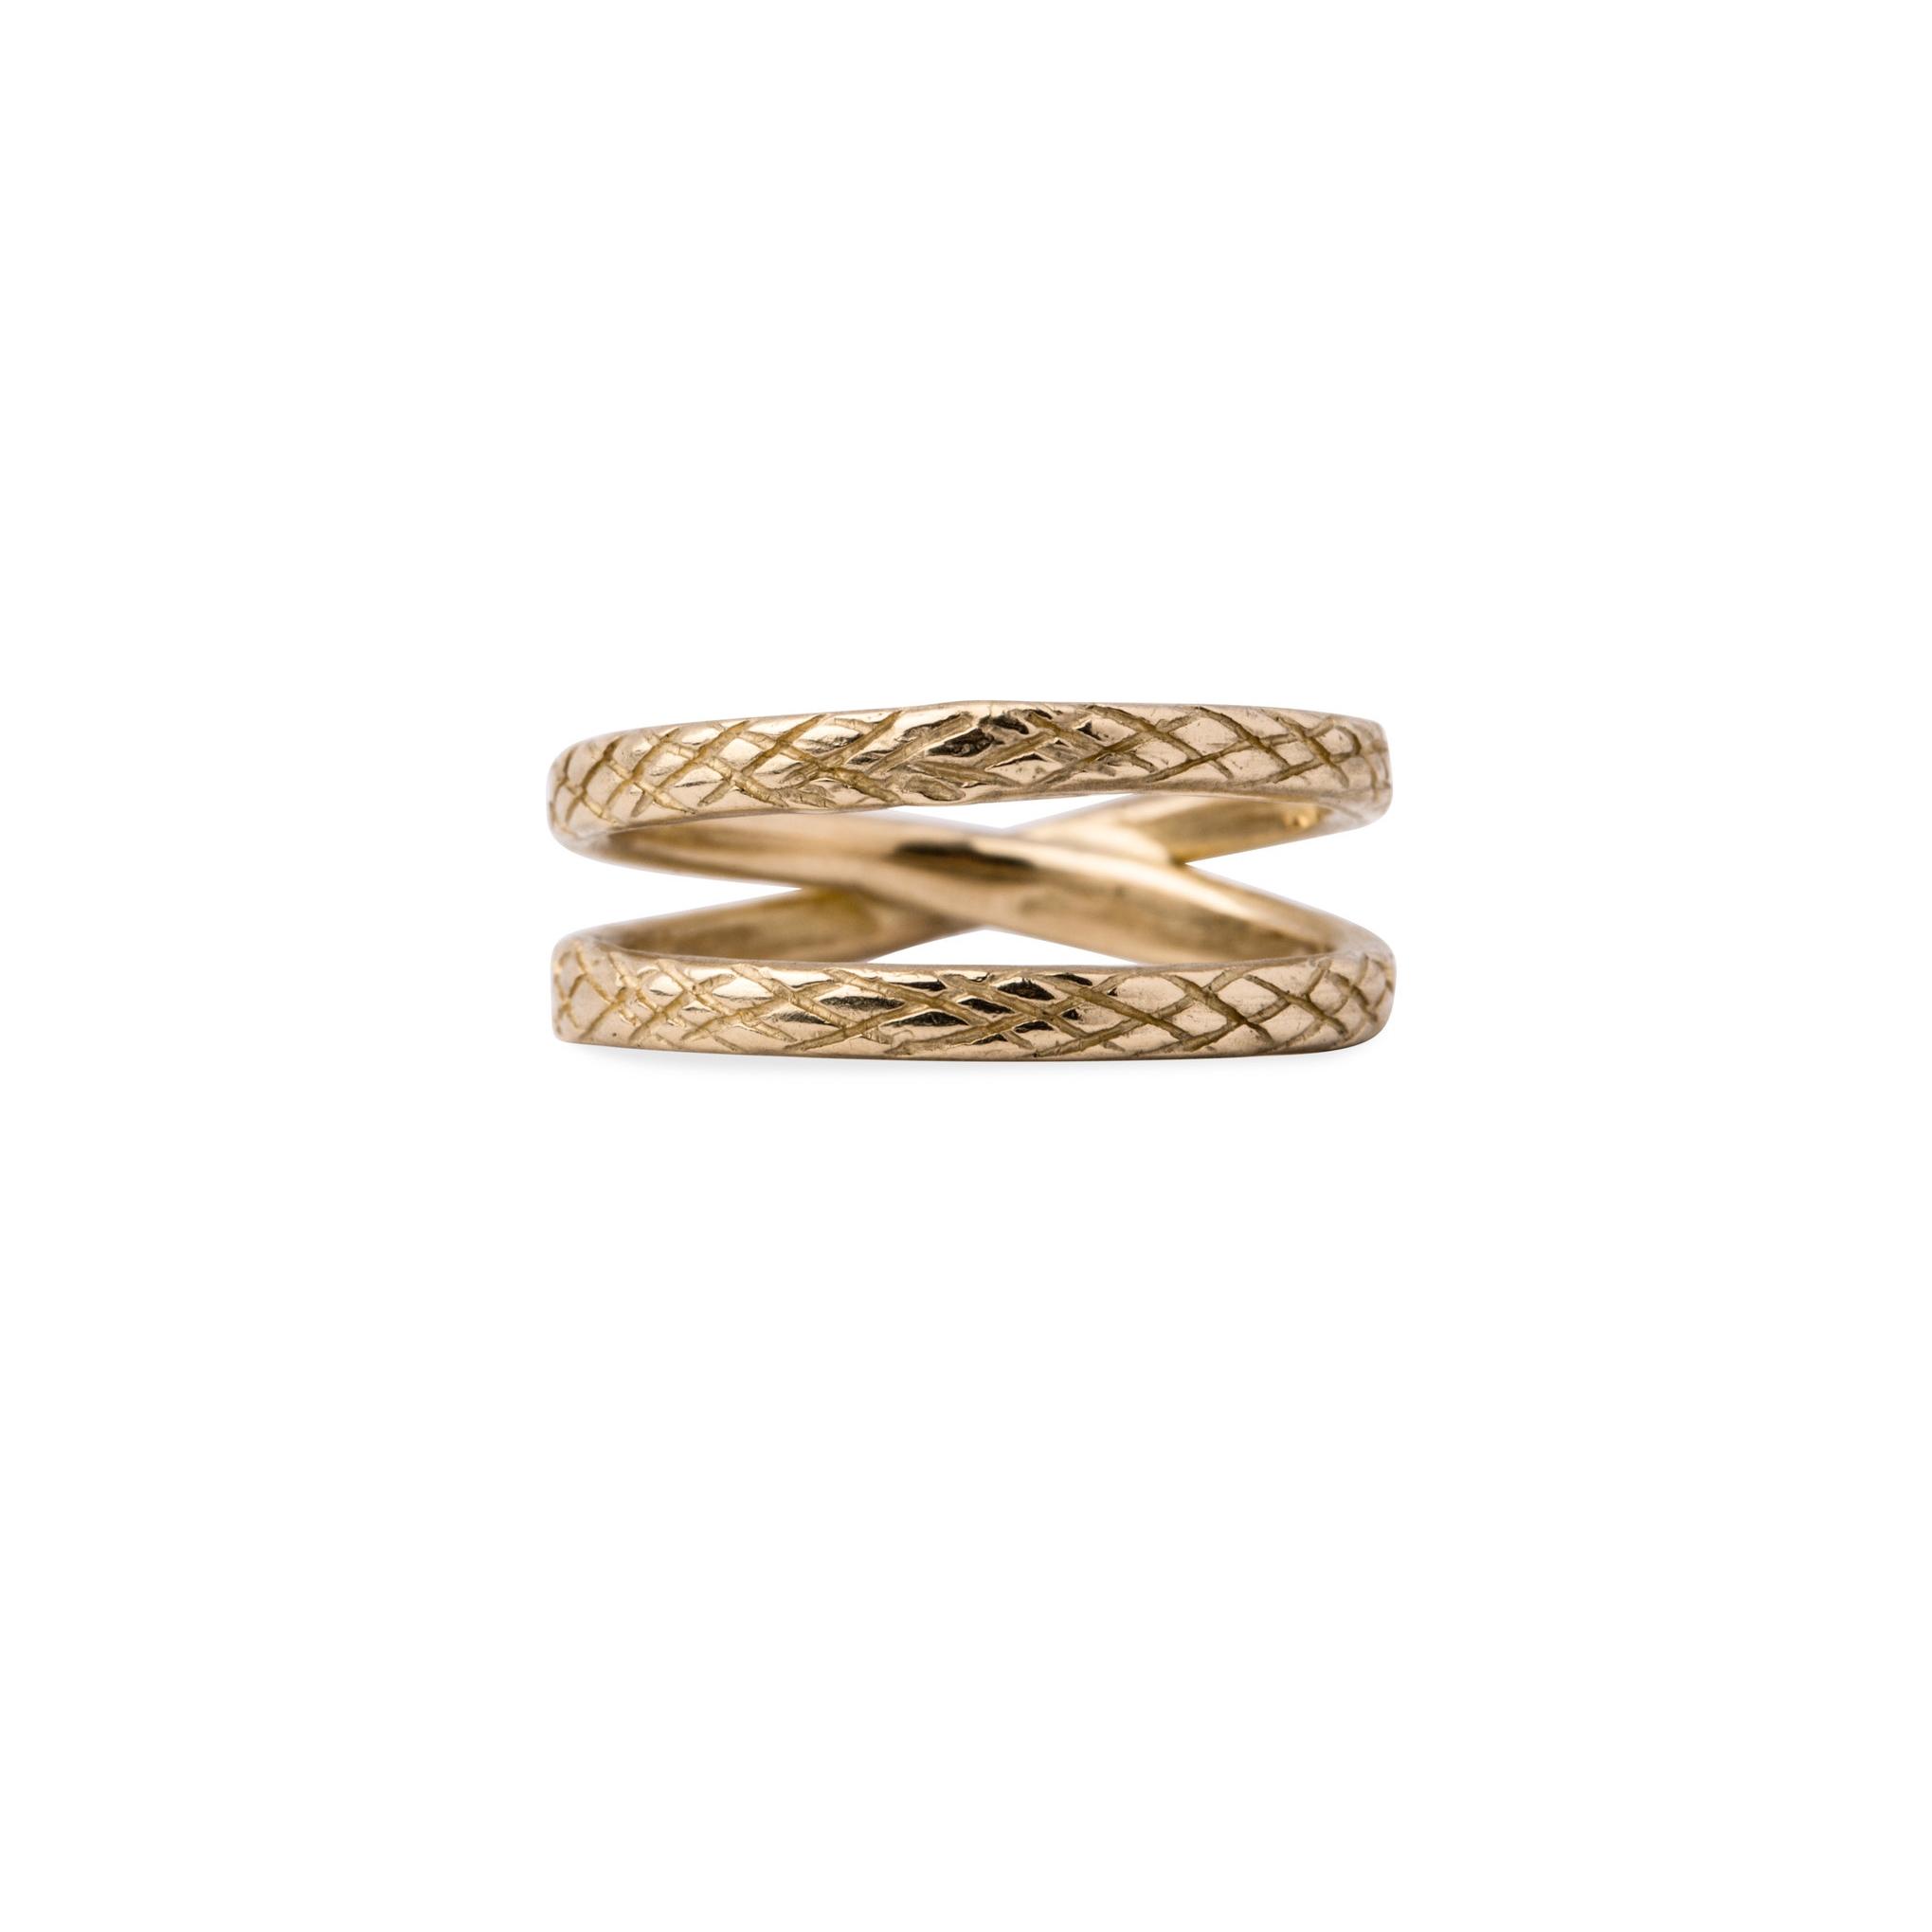 ring_cross_snake6248.JPG